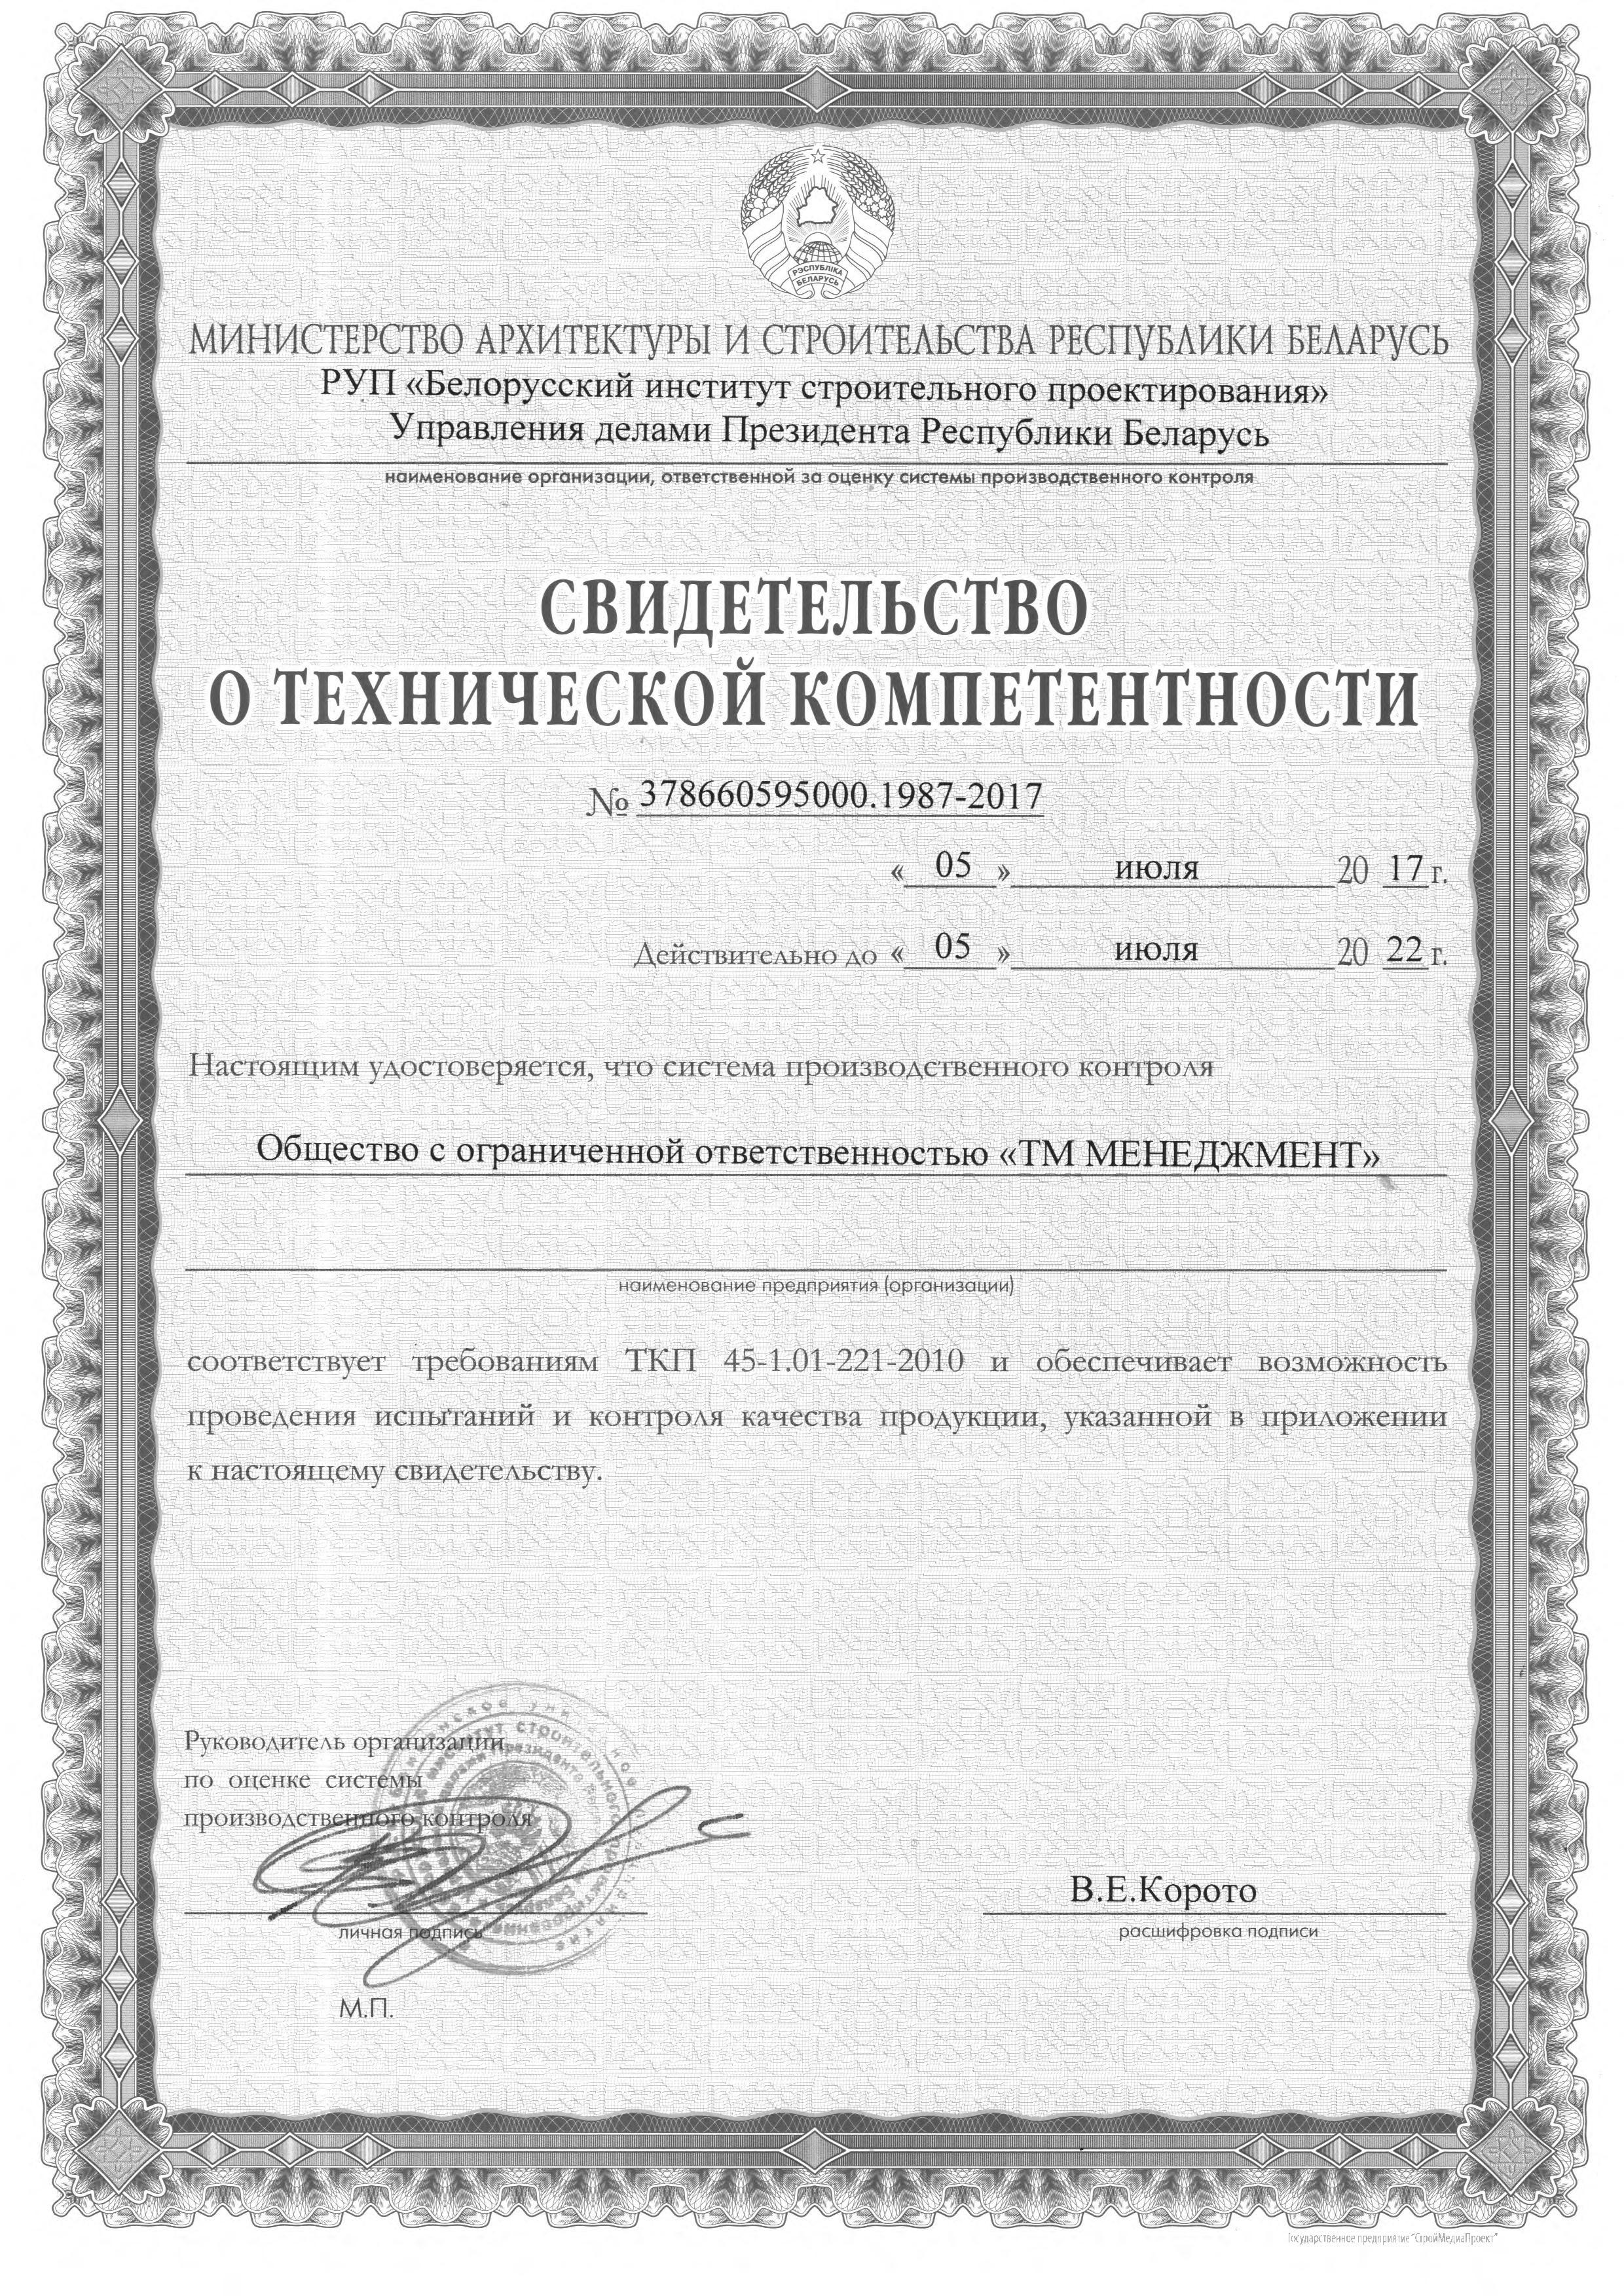 Свидетельство тех компетенции ТМ МЕНЕДЖМЕНТ